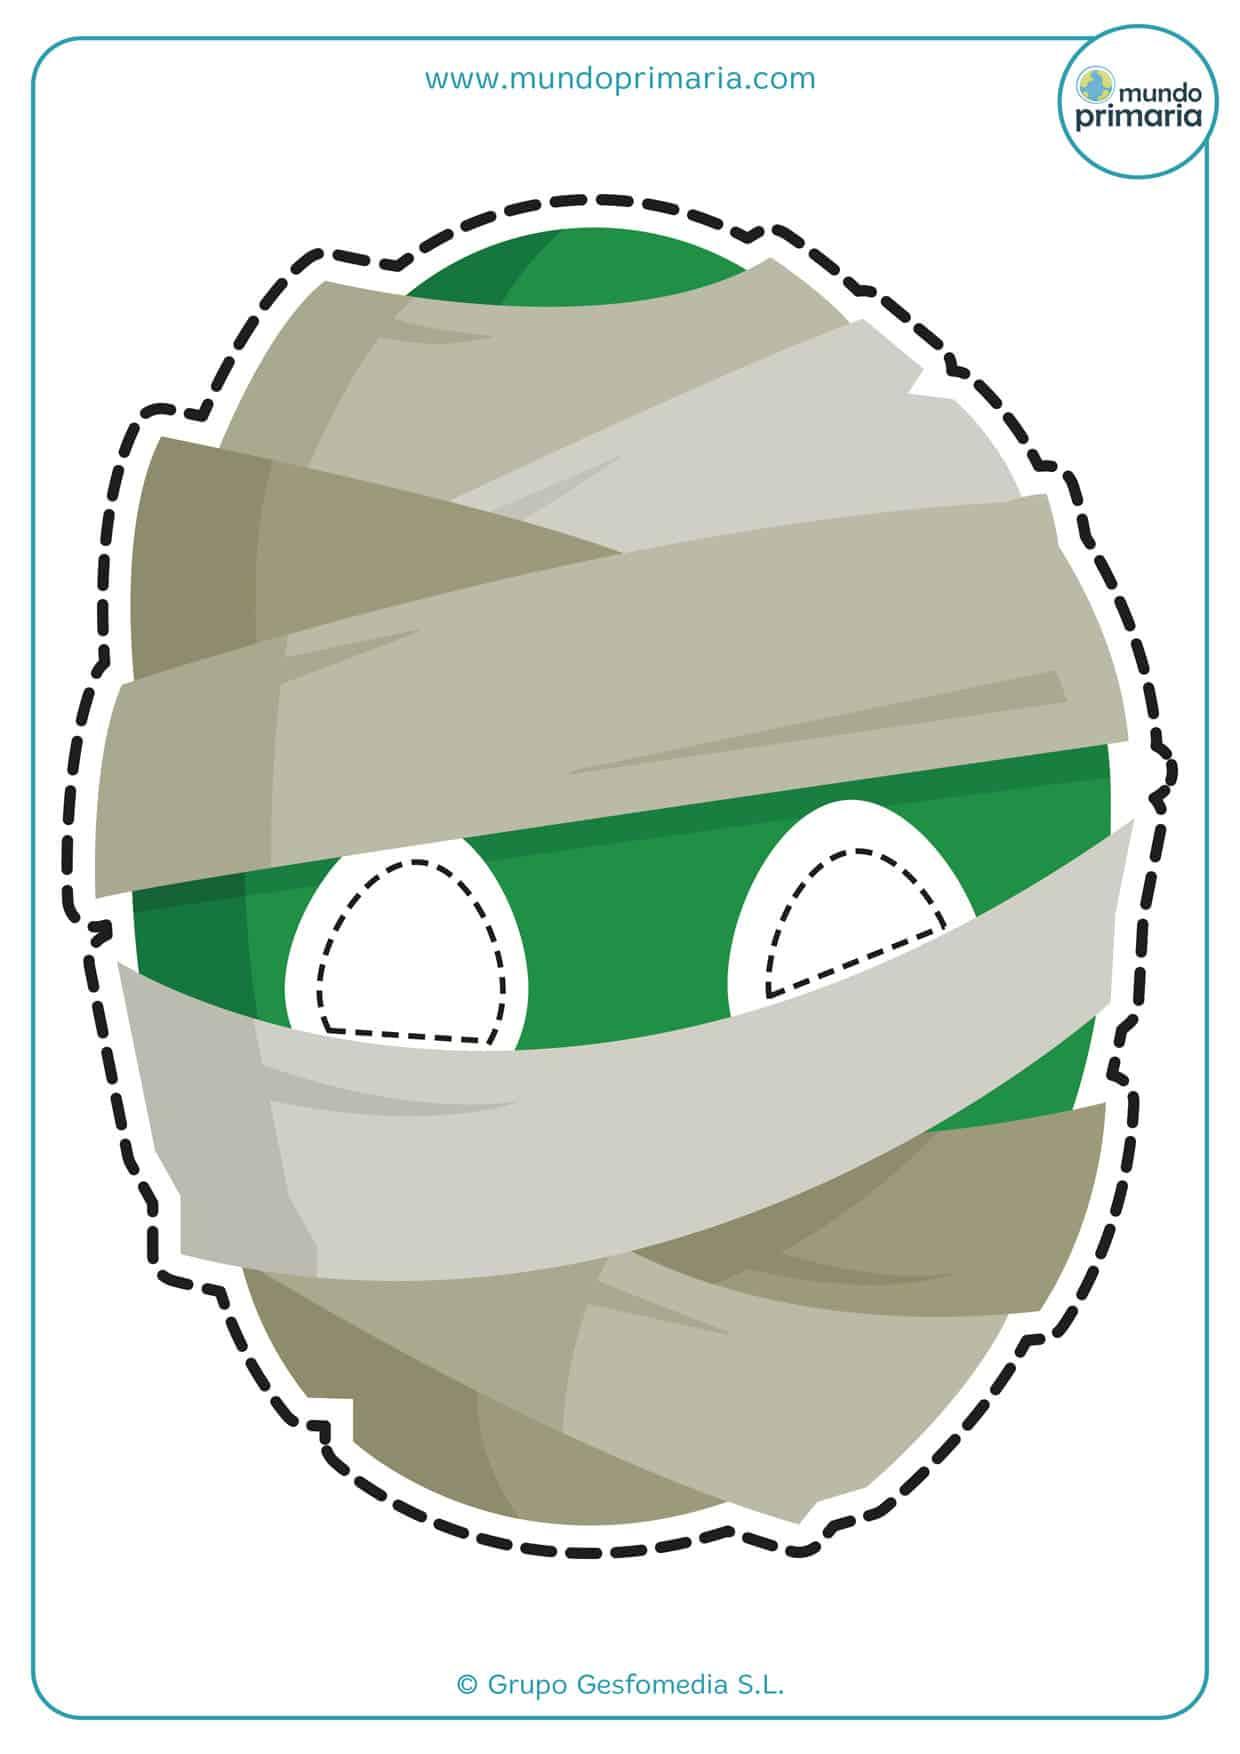 caretas de momias para imprimir de color verde